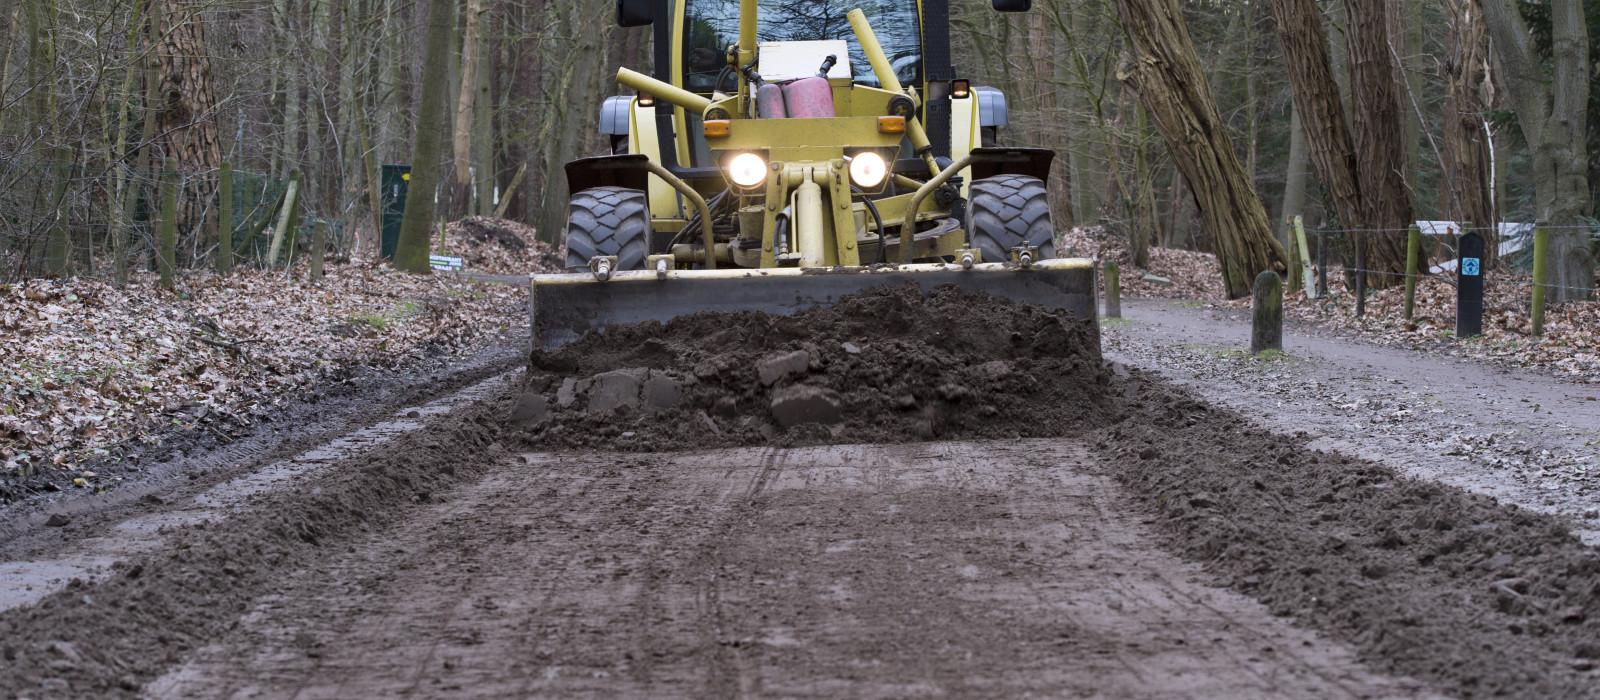 Zandwegen kwetsbaar bij winterse omstandigheden